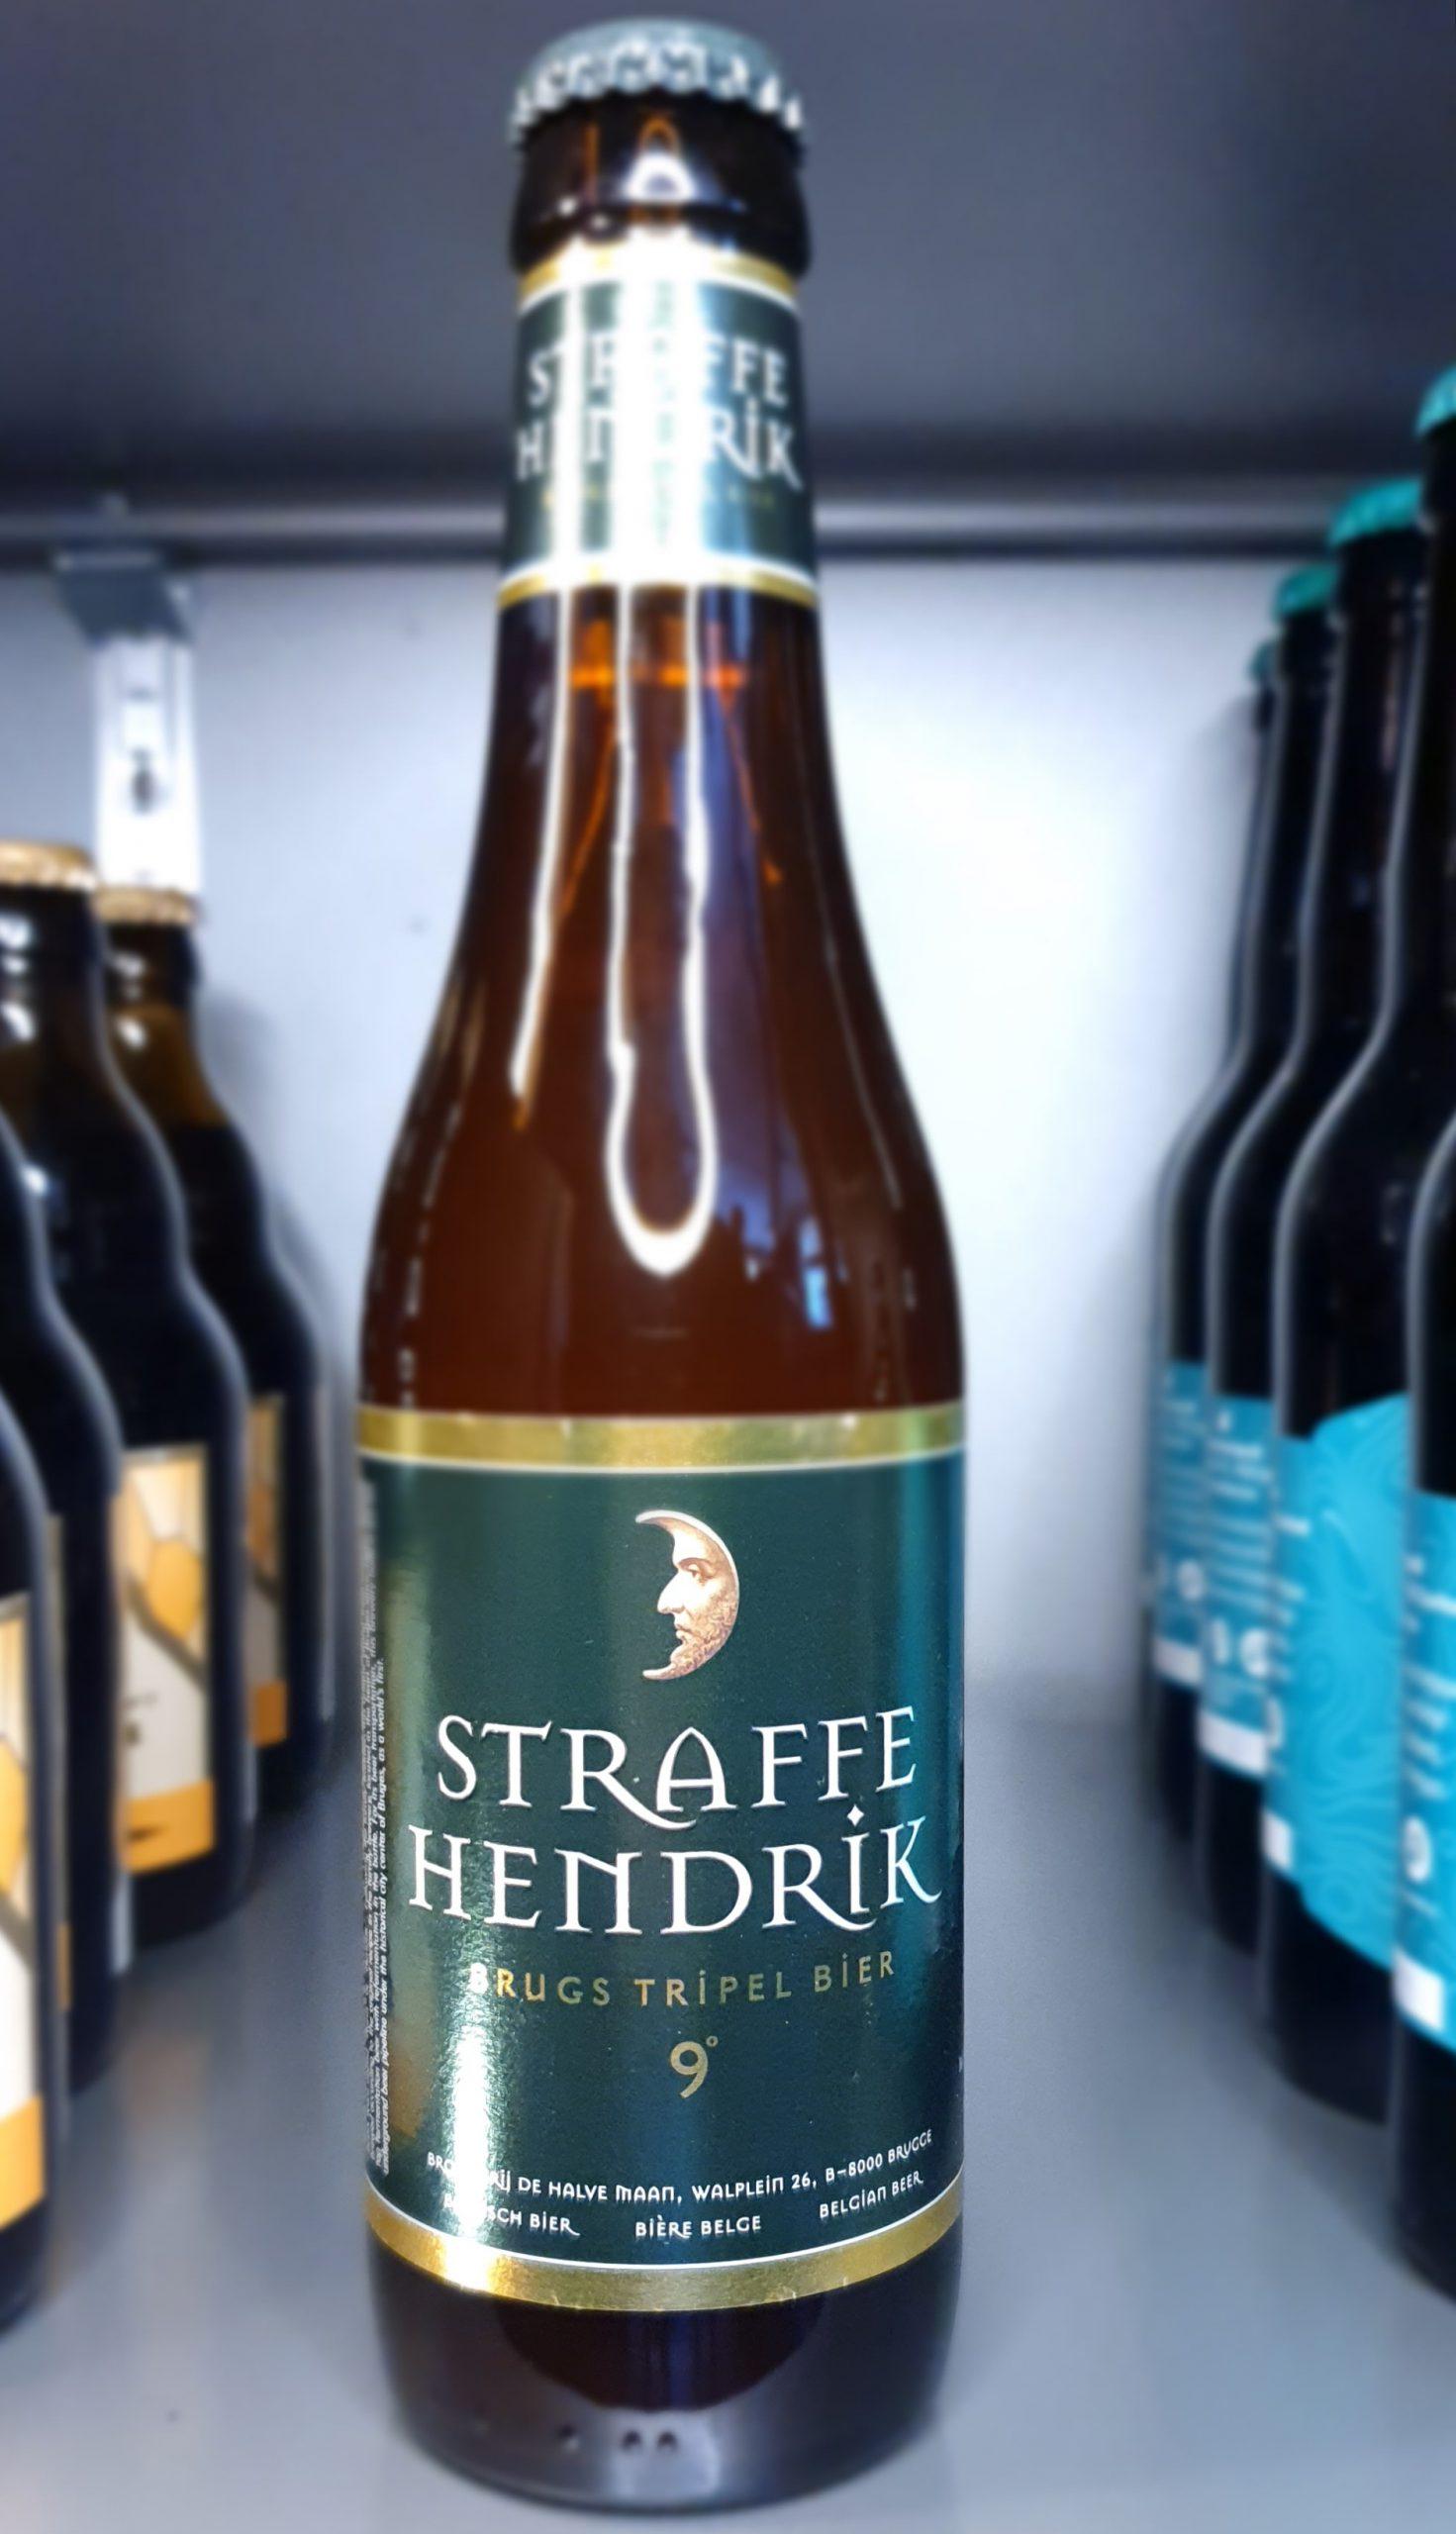 Straffe hendrik Tripel brouwerij halve Maen